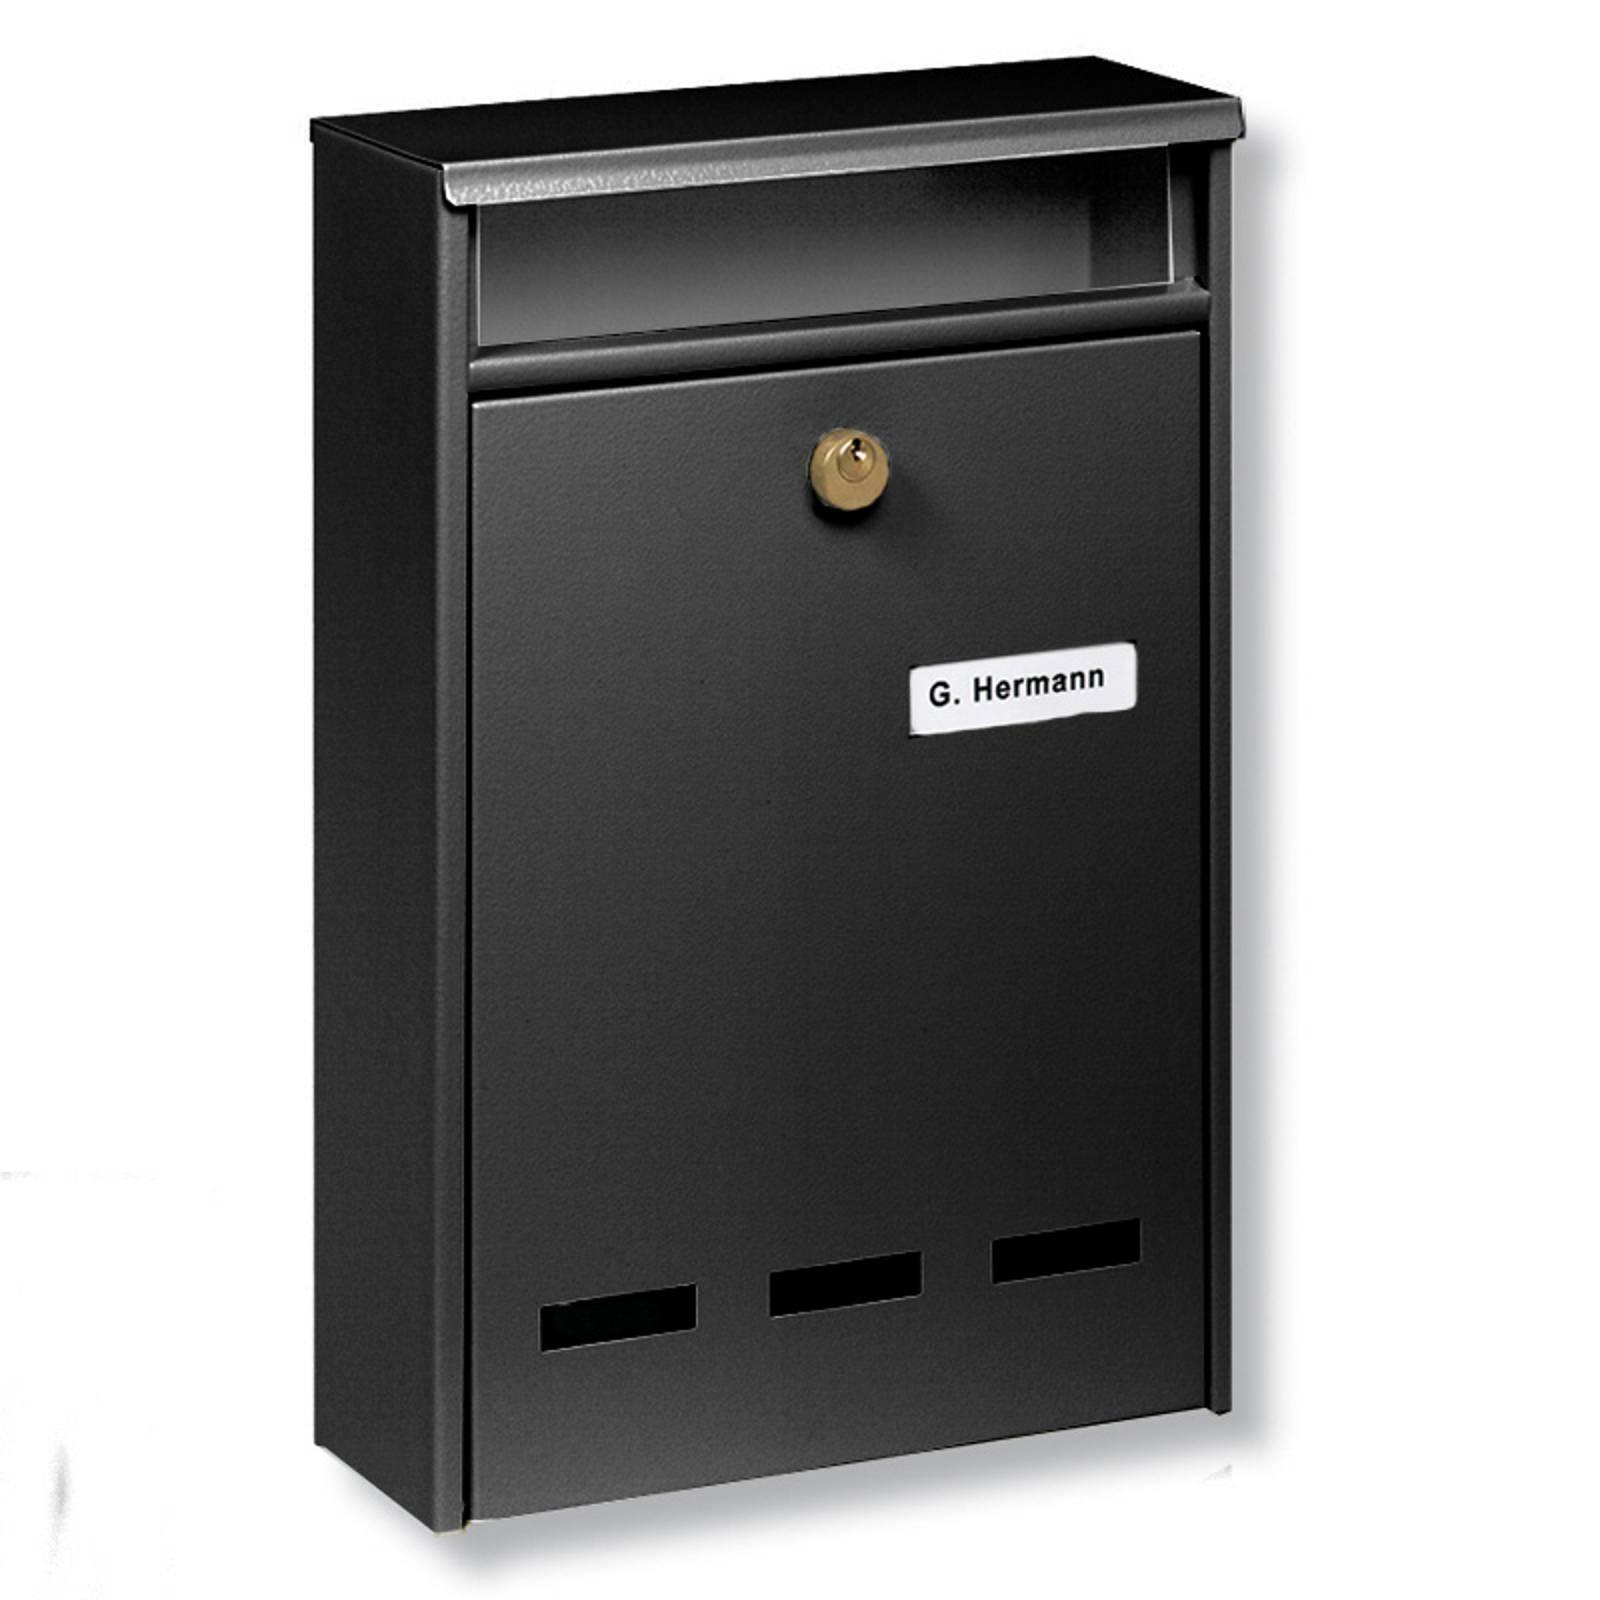 B5-standardin ryhmäpostilaatikko Wismar, musta